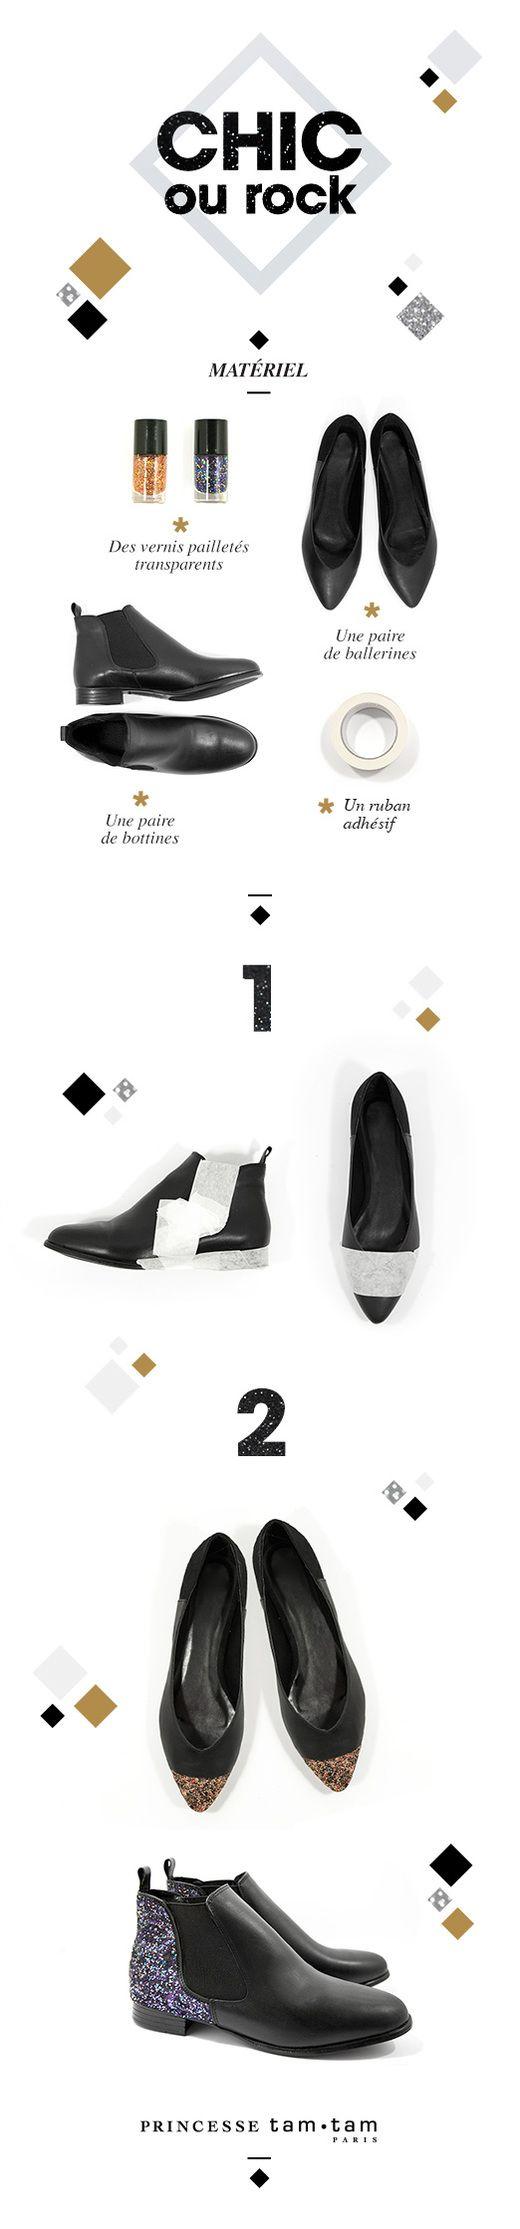 17 meilleures id es propos de customiser chaussures sur pinterest customiser ses vetements. Black Bedroom Furniture Sets. Home Design Ideas